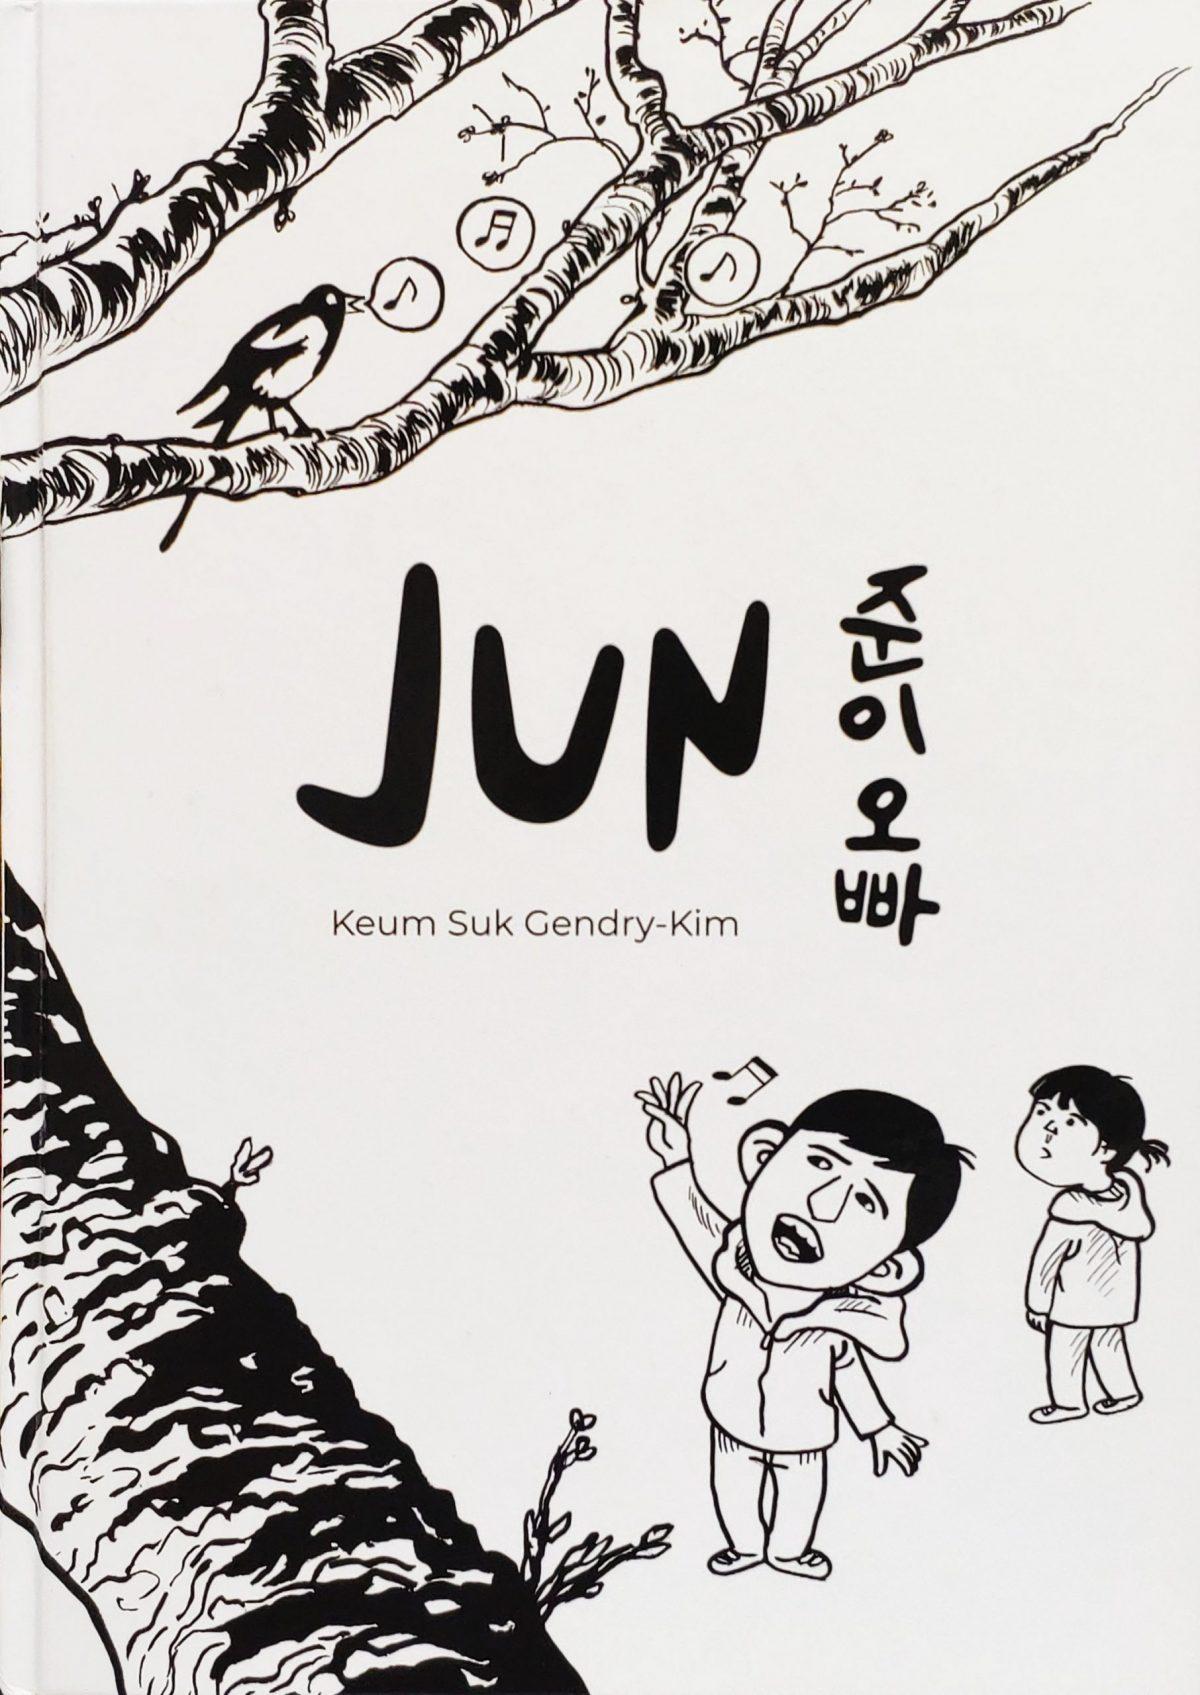 Mio caro fumetto... - Copertina di Jun di Keum Suk Gendry-Kim, pubblicato da Bao Publishing